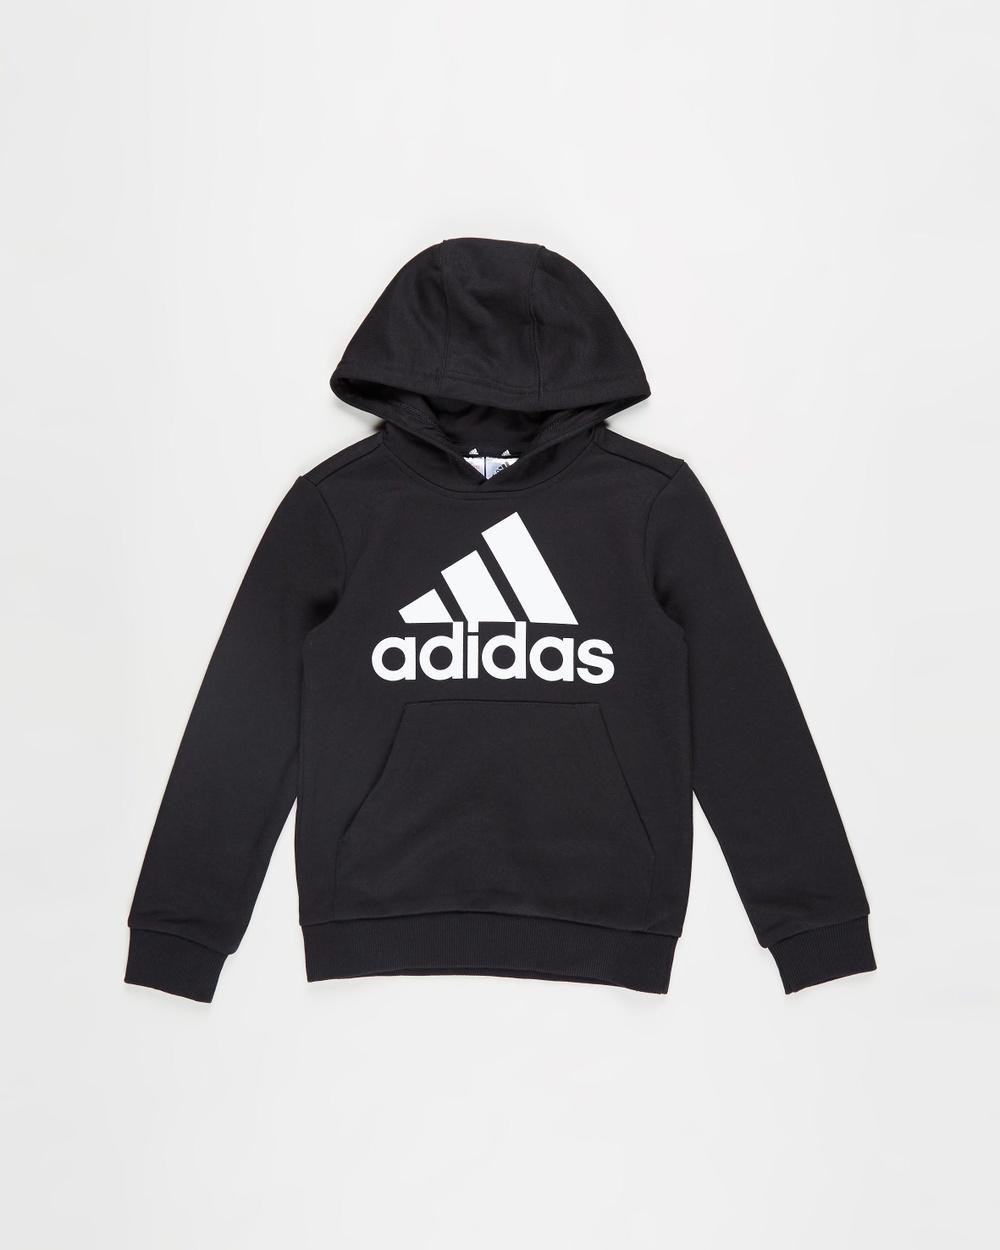 adidas Performance Essentials Hoodie Kids Teens Sweats Black & White Kids-Teens